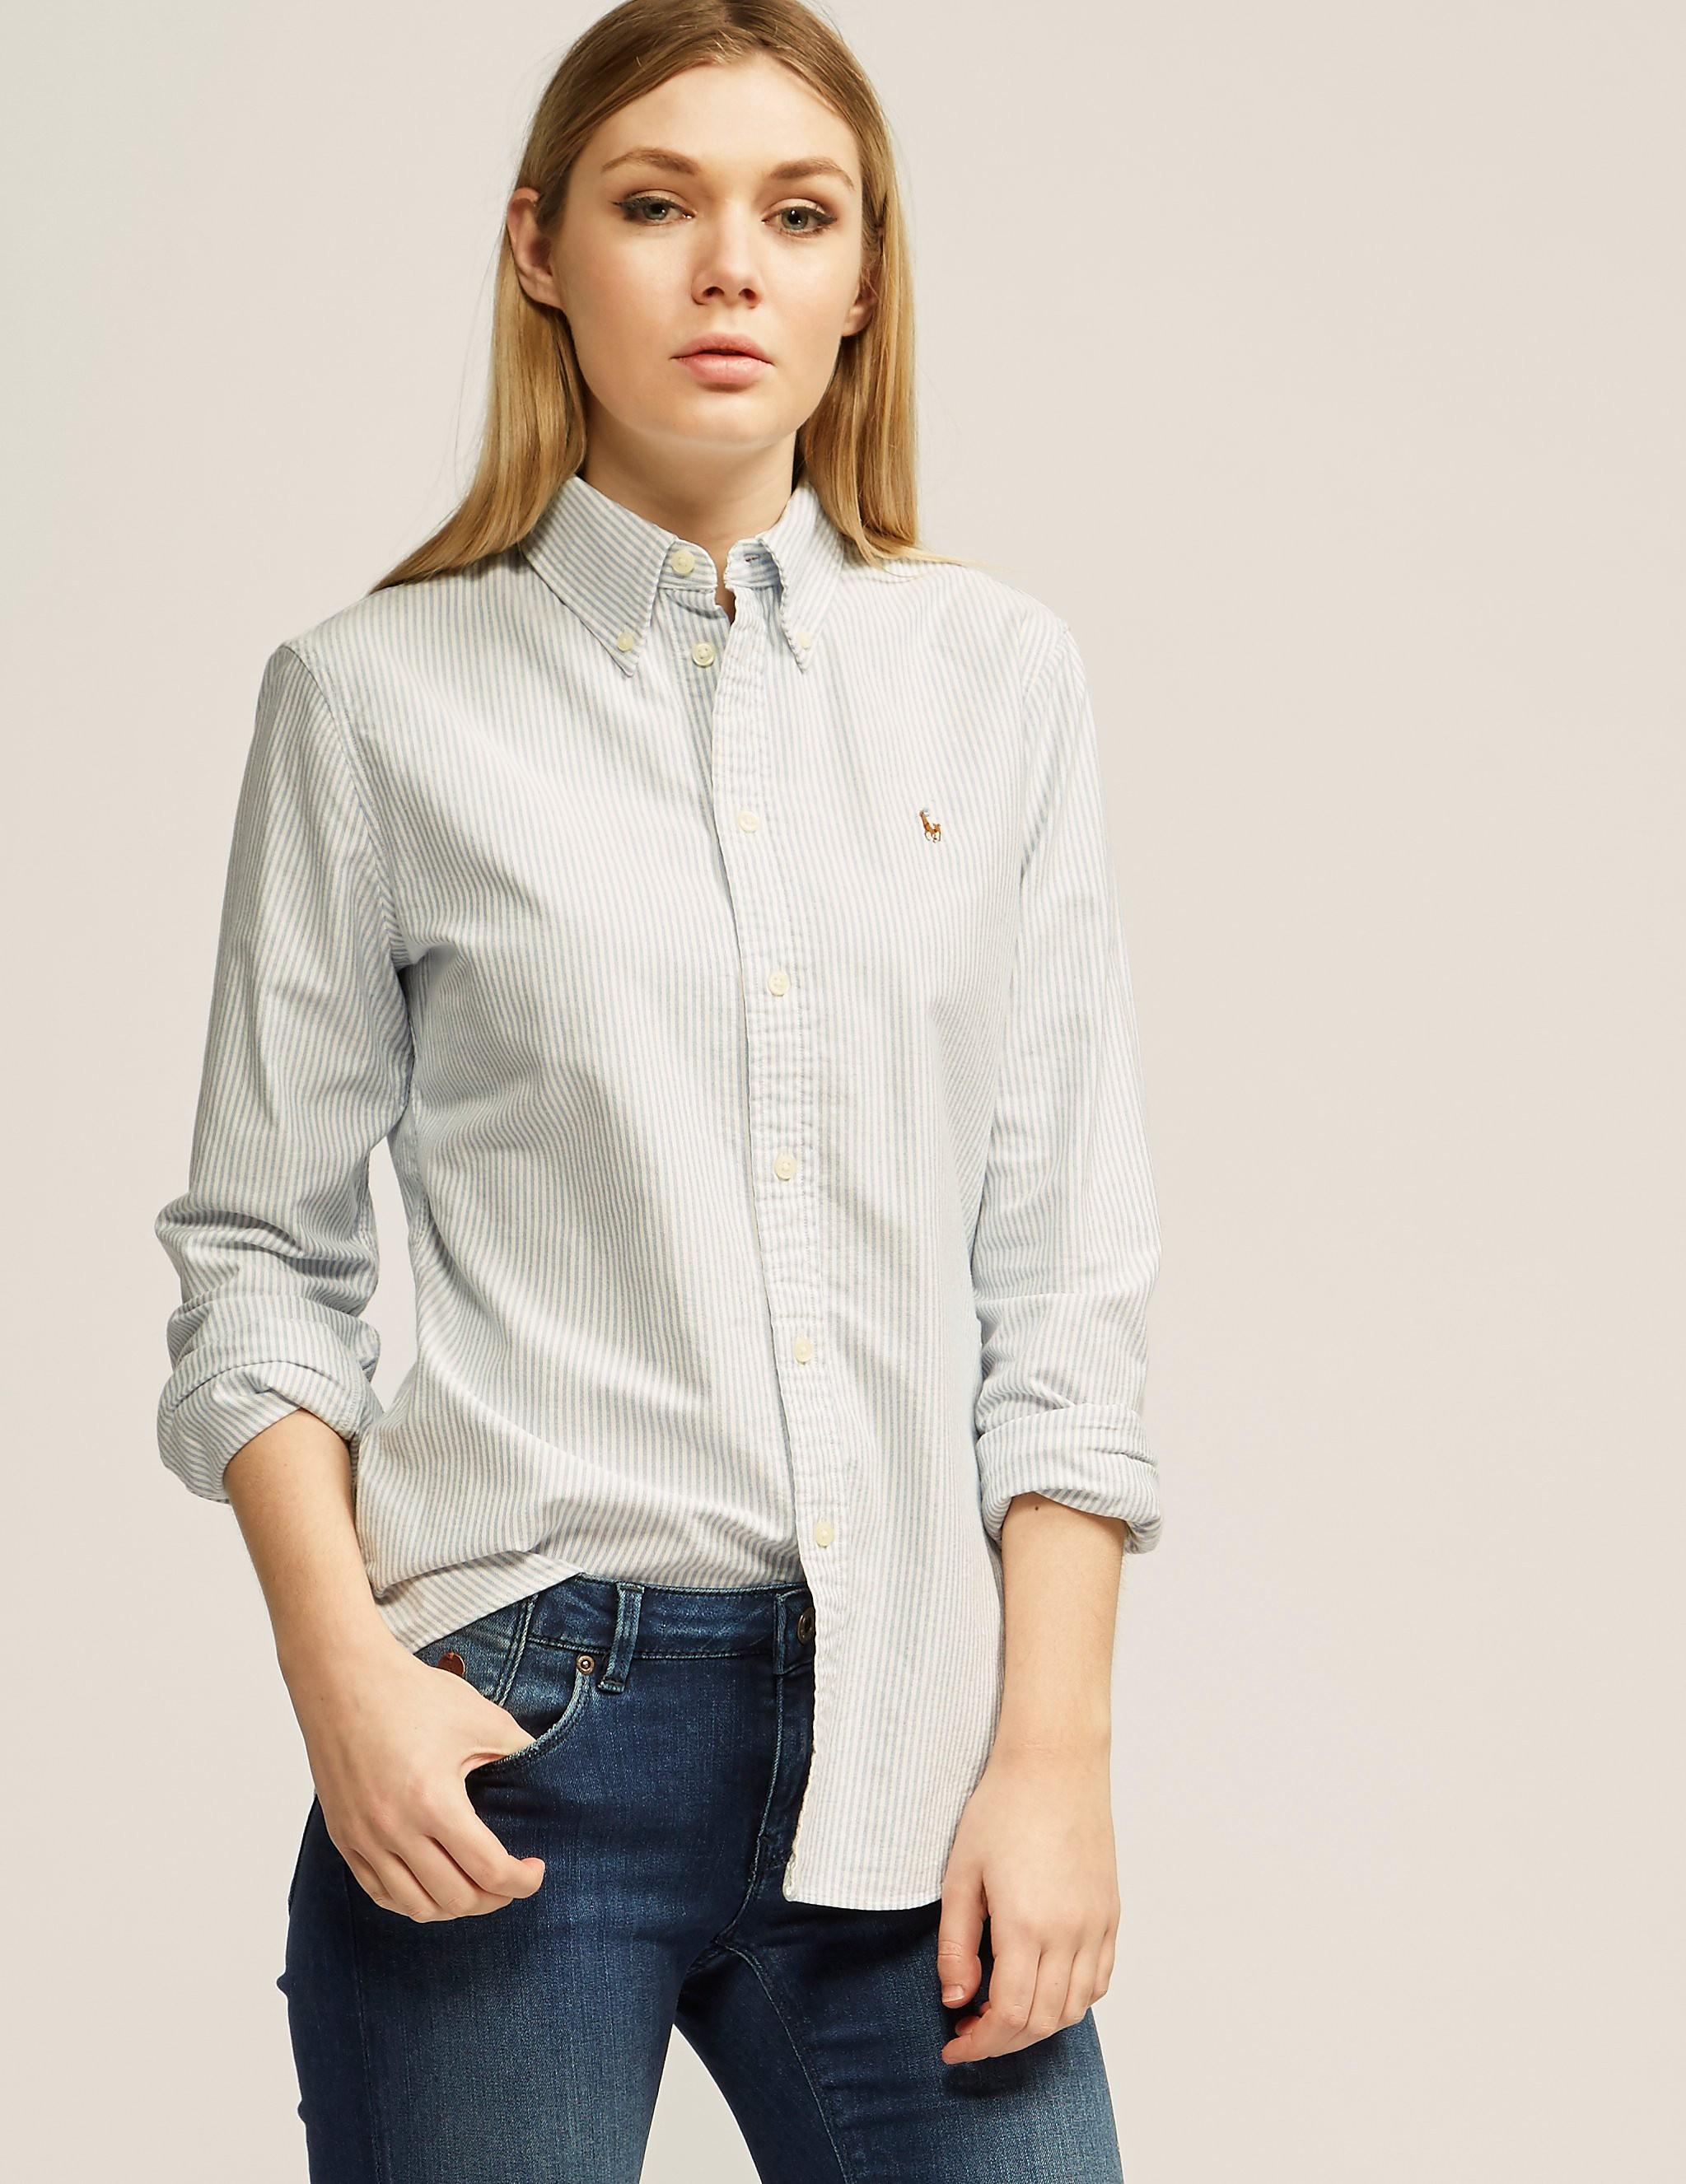 Polo Ralph Lauren Harper Shirt